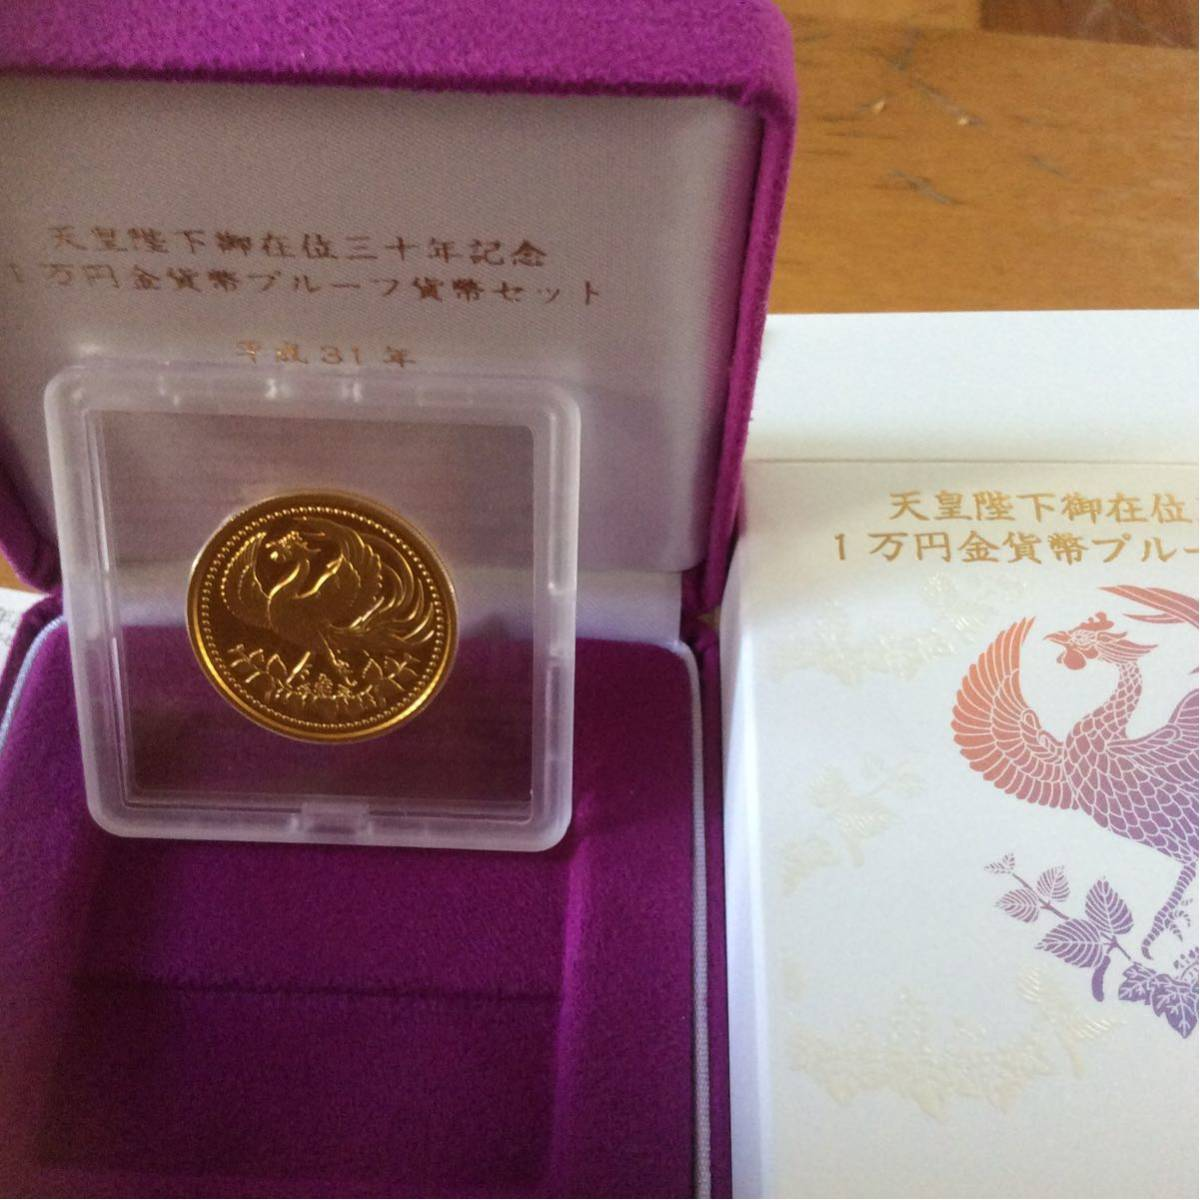 天皇陛下御在位三十年記念金貨 プルーフ貨幣金貨単体セット 一万円記念金貨_画像3